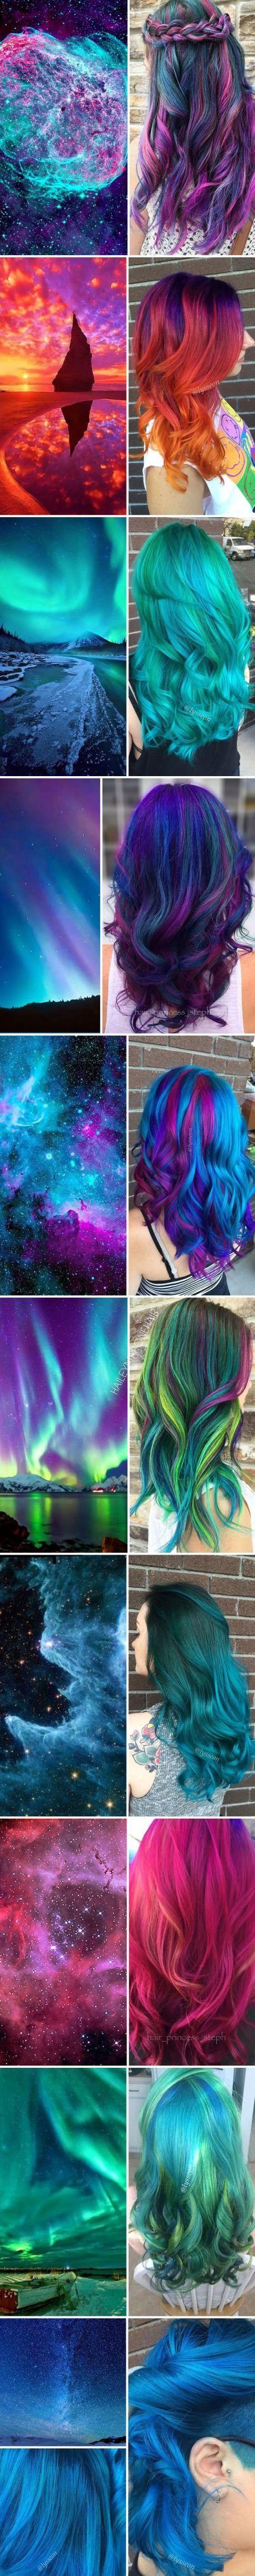 Galaxy hair: